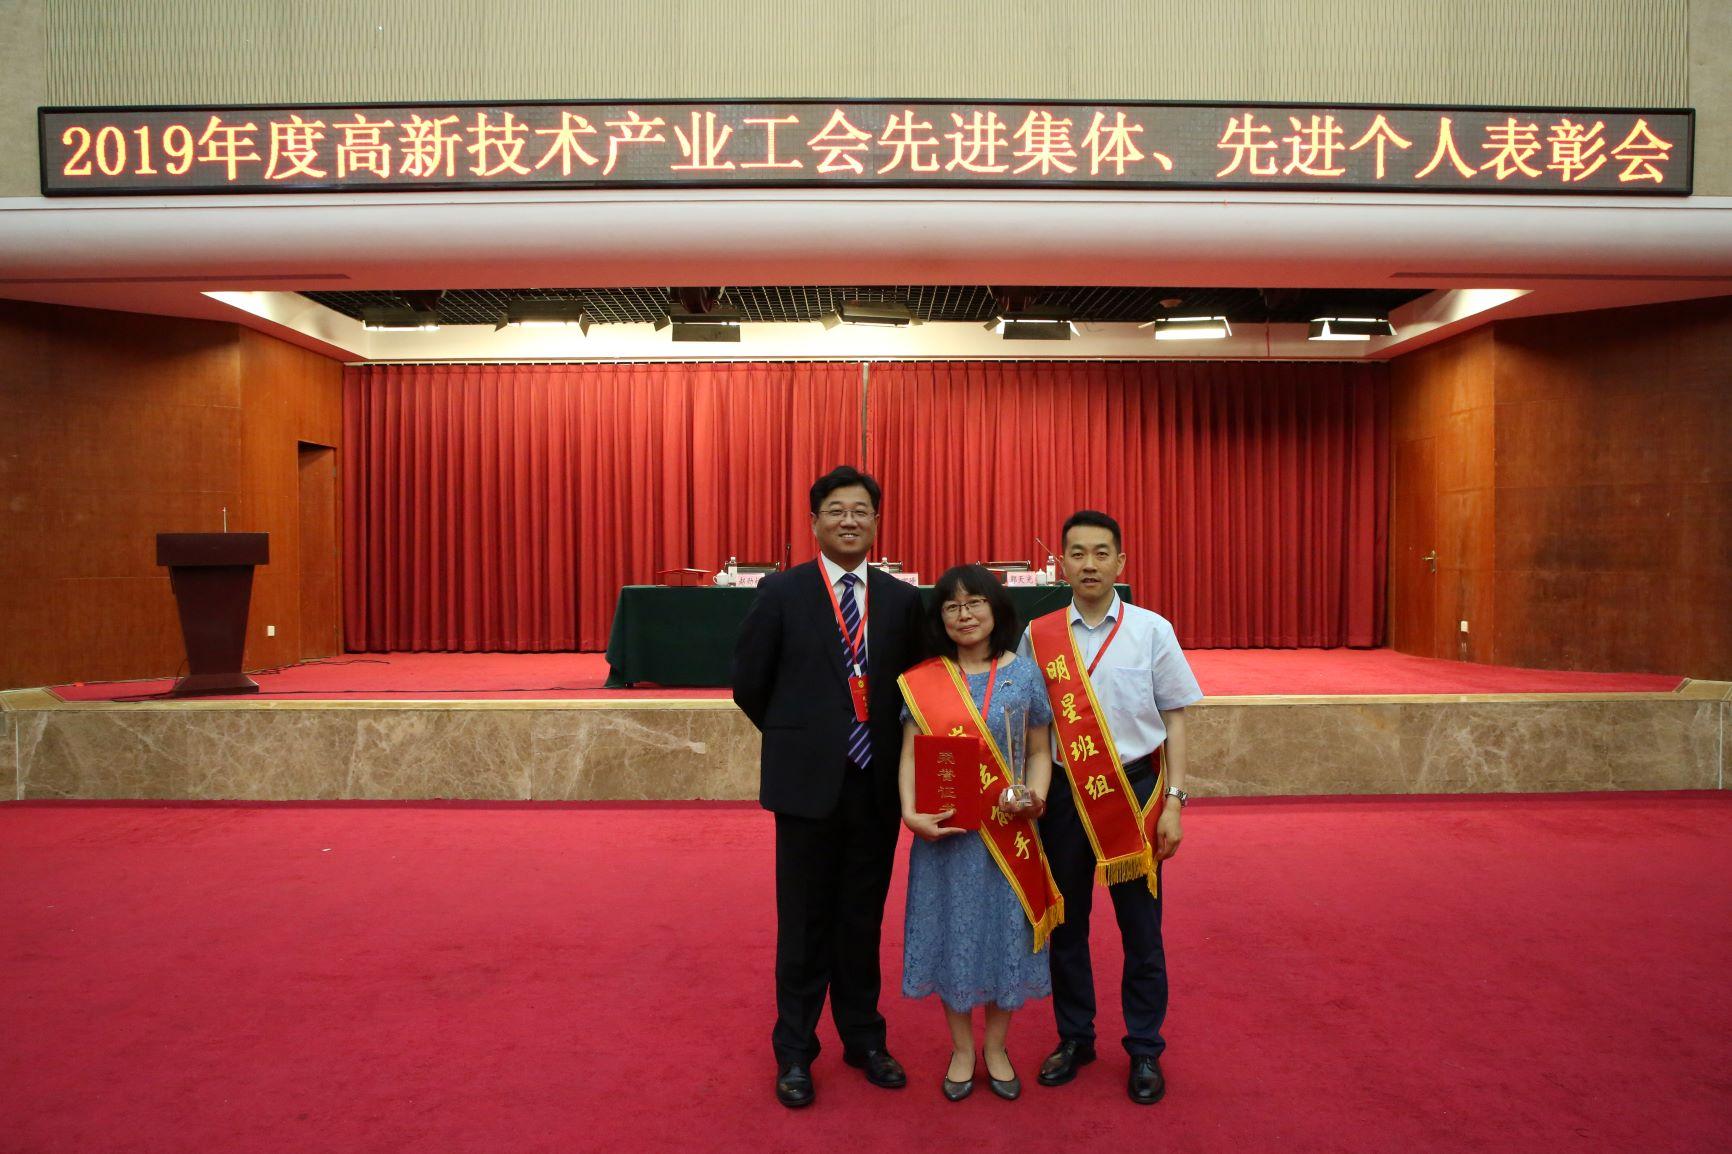 北京市朝阳区高新技术产业工会2019年度表彰大会召开握奇再获殊荣